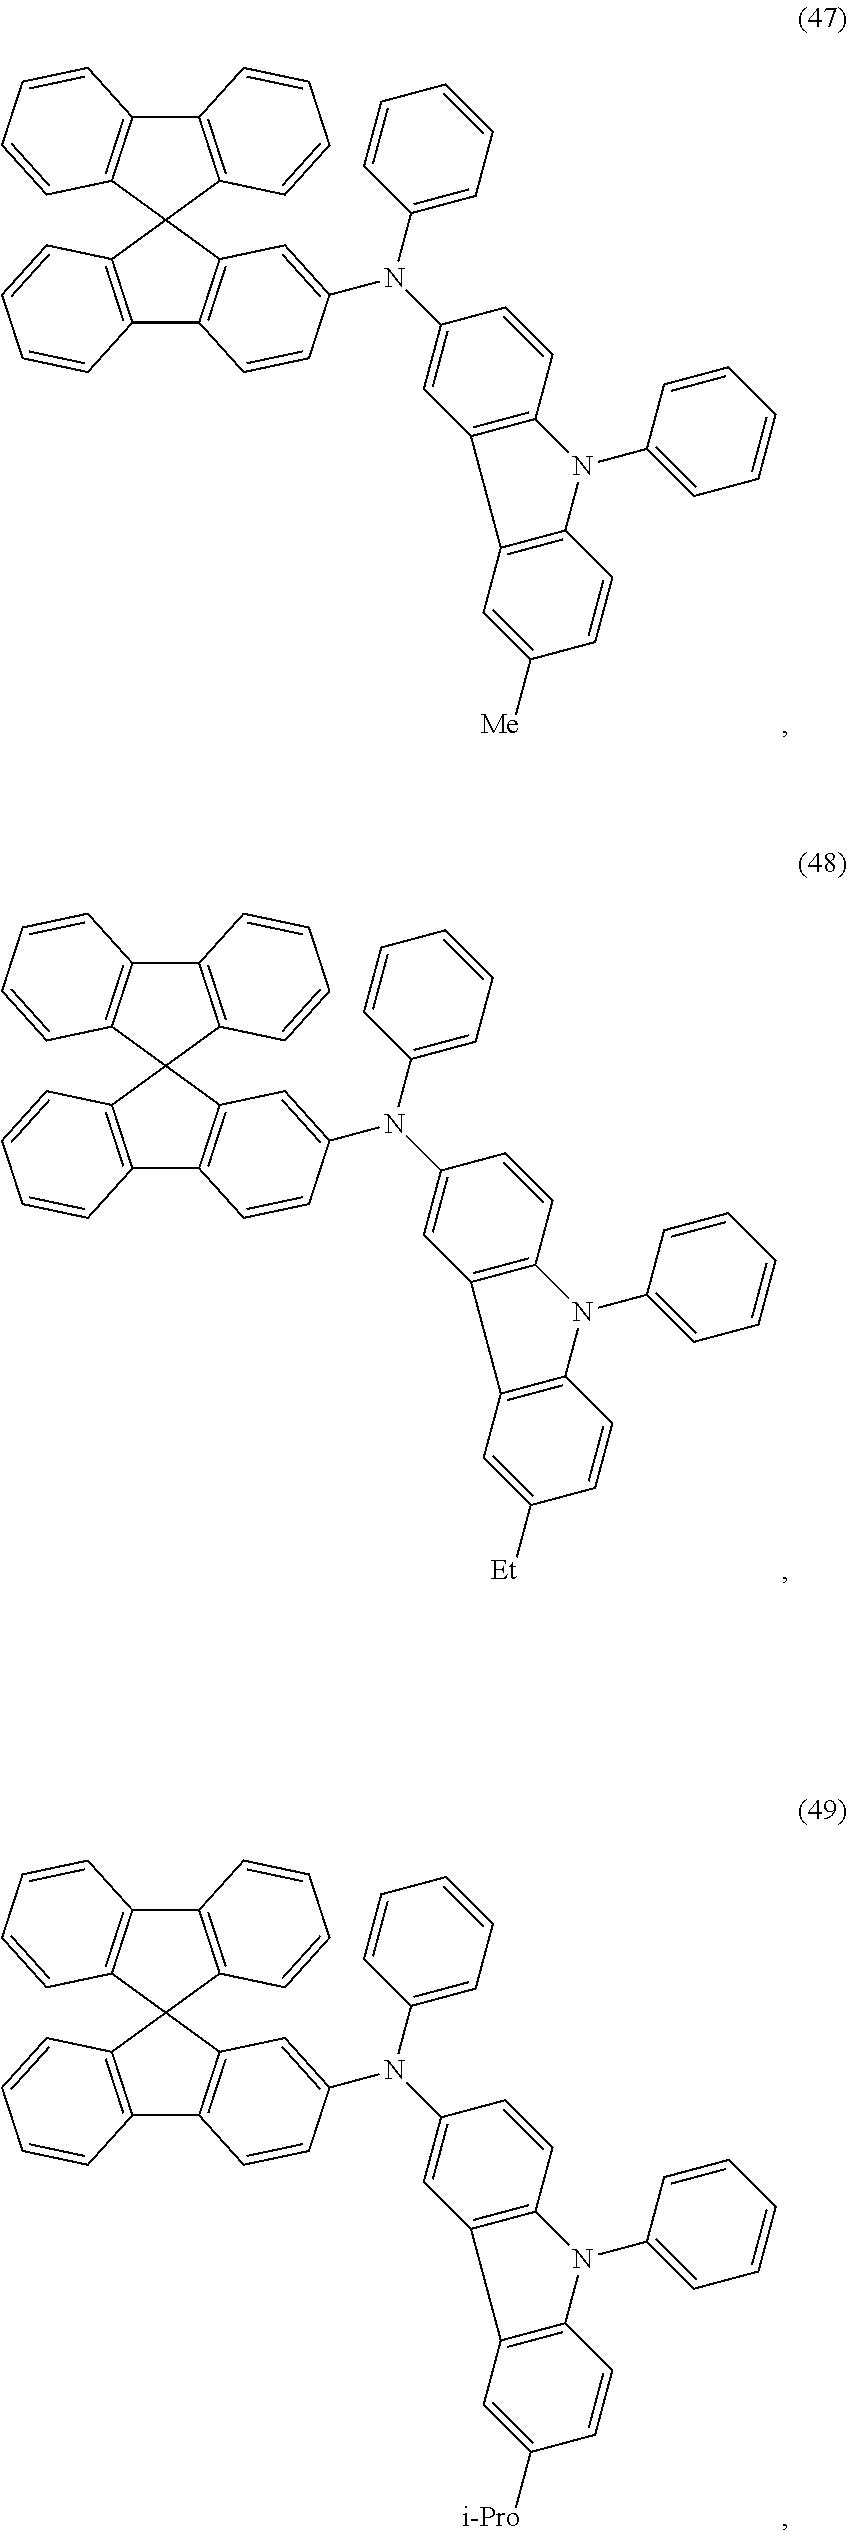 Figure US09548457-20170117-C00054